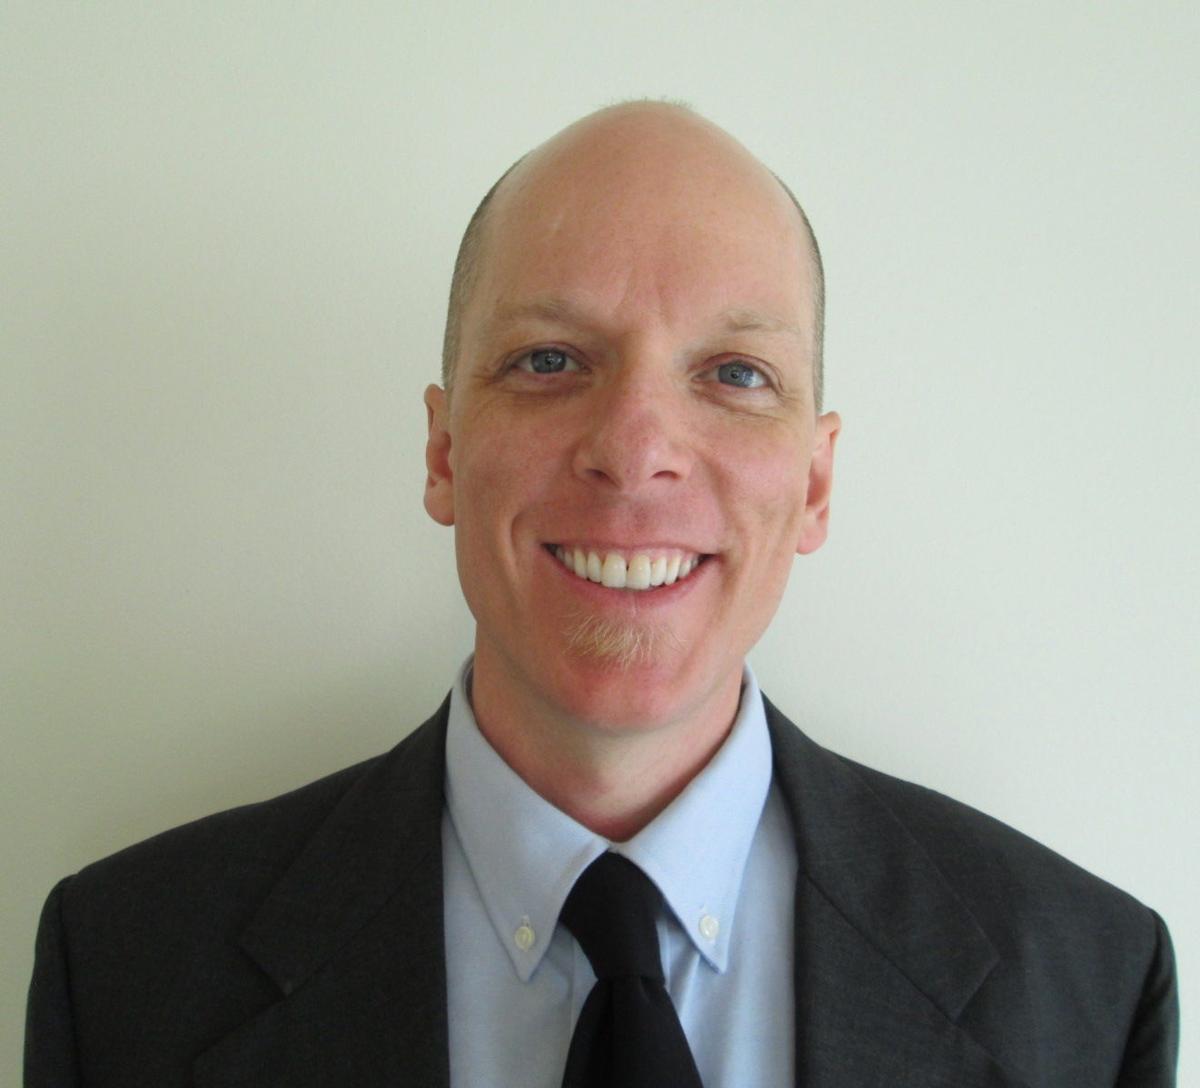 Dr. Eric D. Whitmont